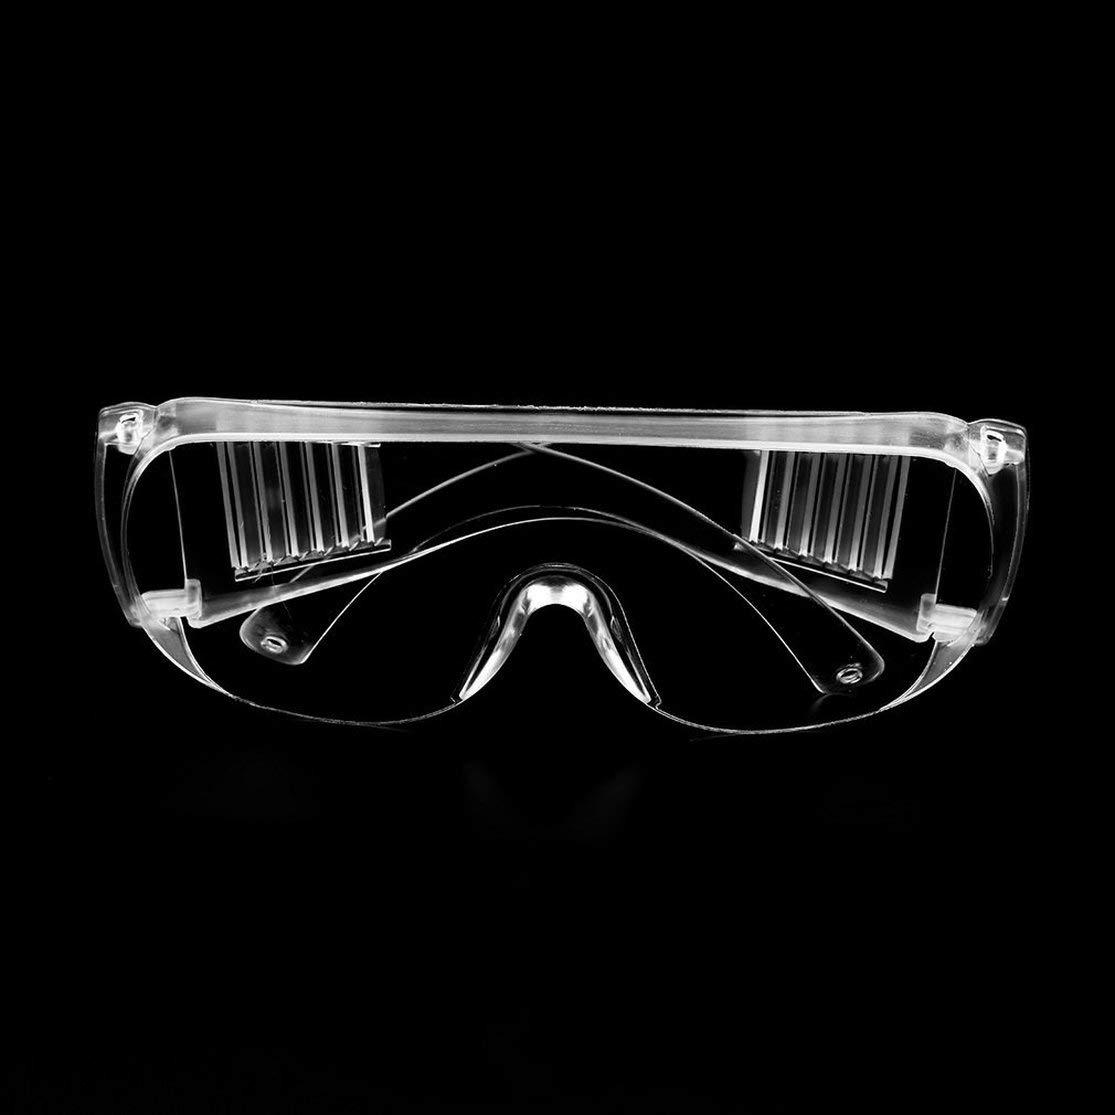 Color:Clear Gafas de Seguridad claras Lugar de Trabajo Ropa Protectora para los Ojos Mano de Obra Trabajar Gafas Protectoras Polvo del Viento Antivaho Uso m/édico Gafas